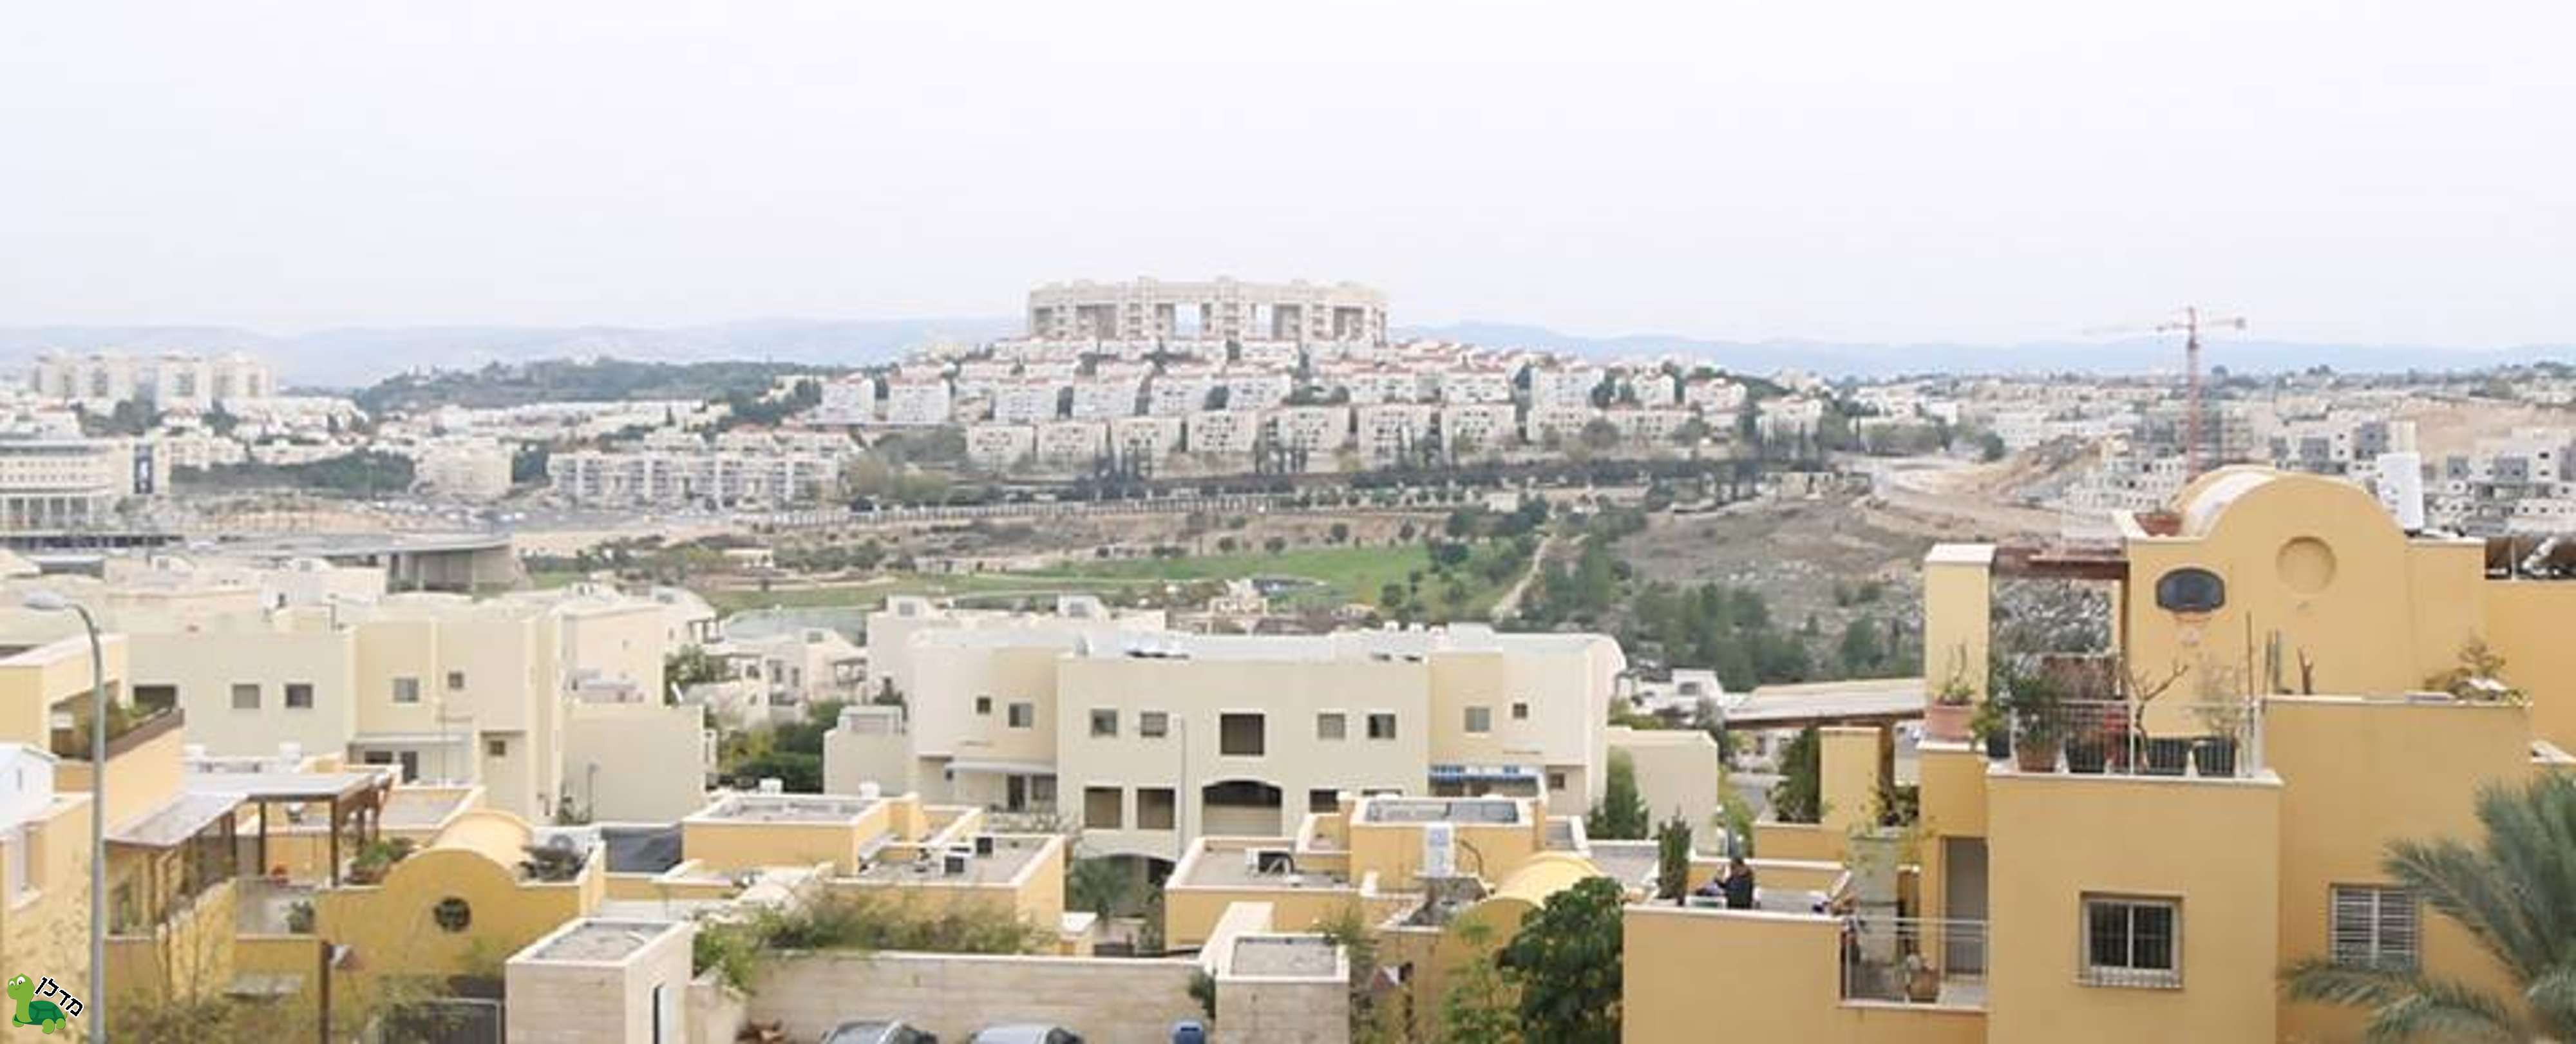 מותג חדש דירות למכירה במודיעין מכבים רעות - 337 דירות באזור CU-67